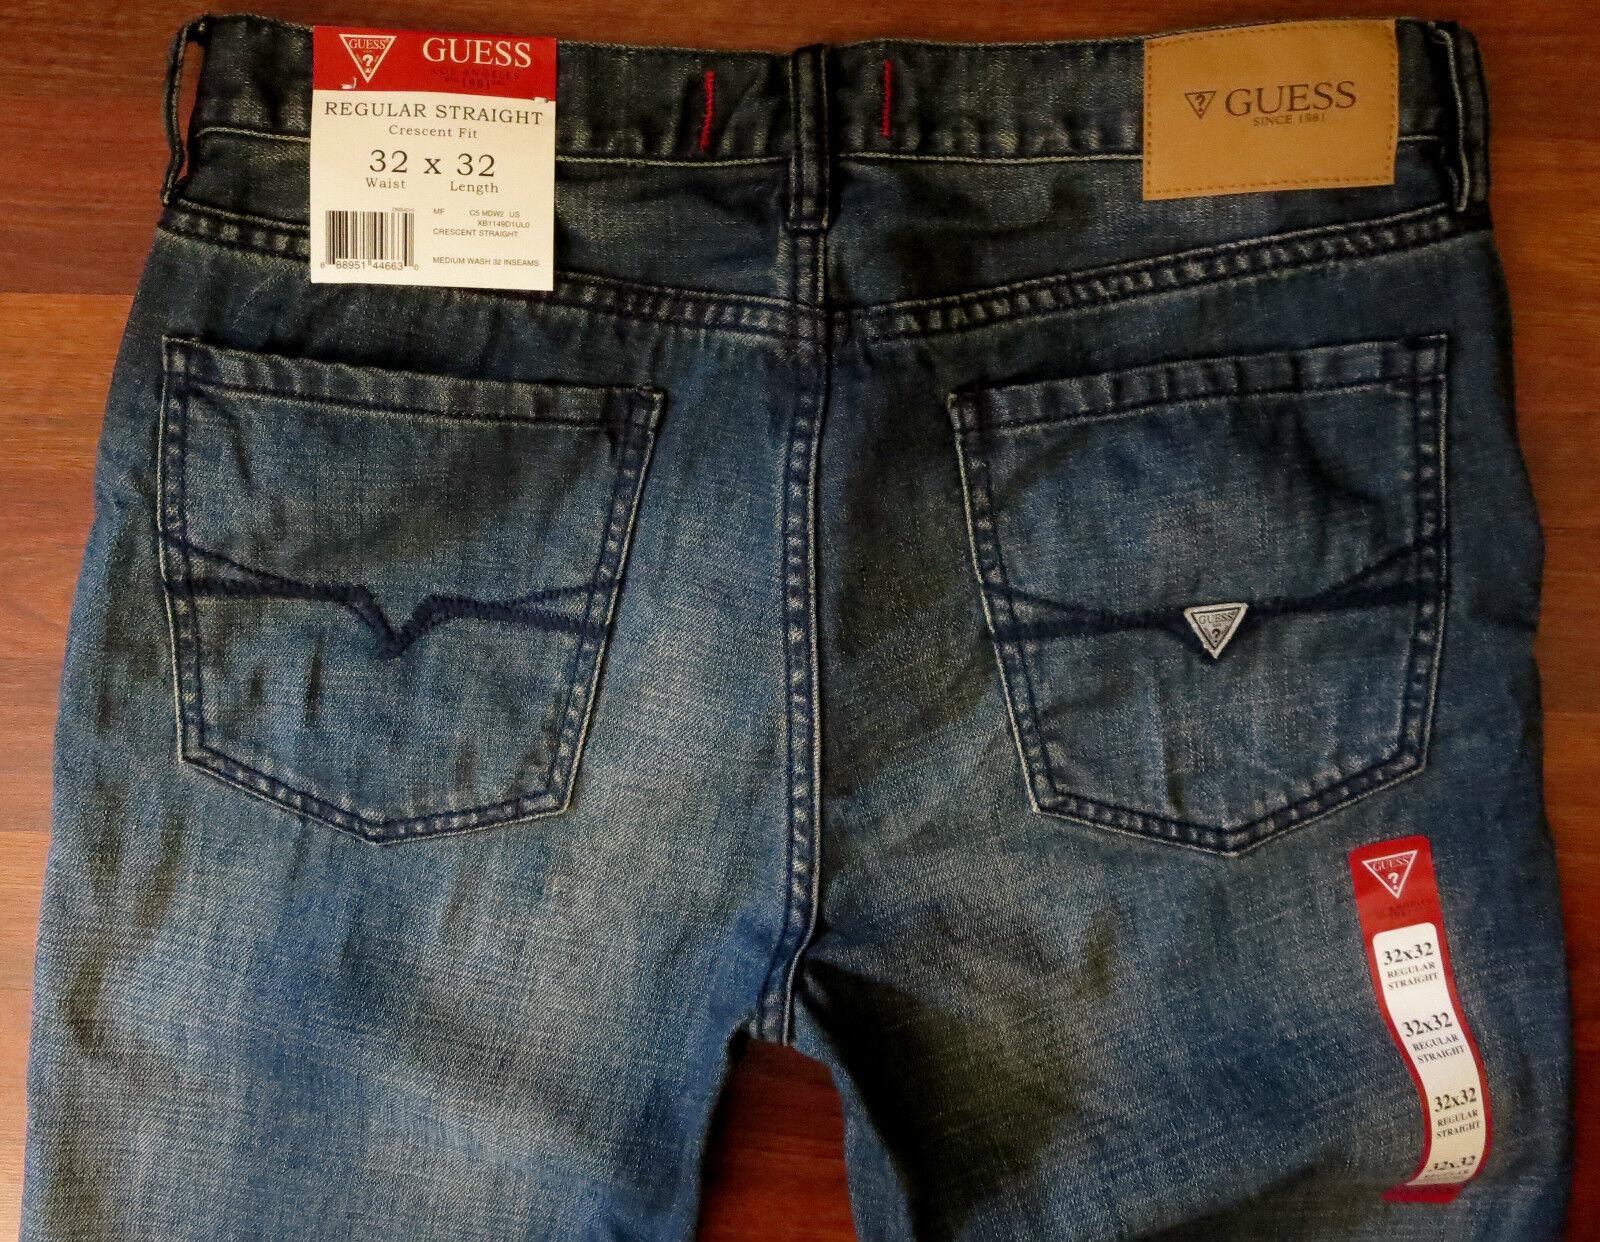 Raten Gerades Bein Bein Bein Jeans Herren Größe 33 X 34 Klassisch Distressed Mittel Dunkel 5c650d